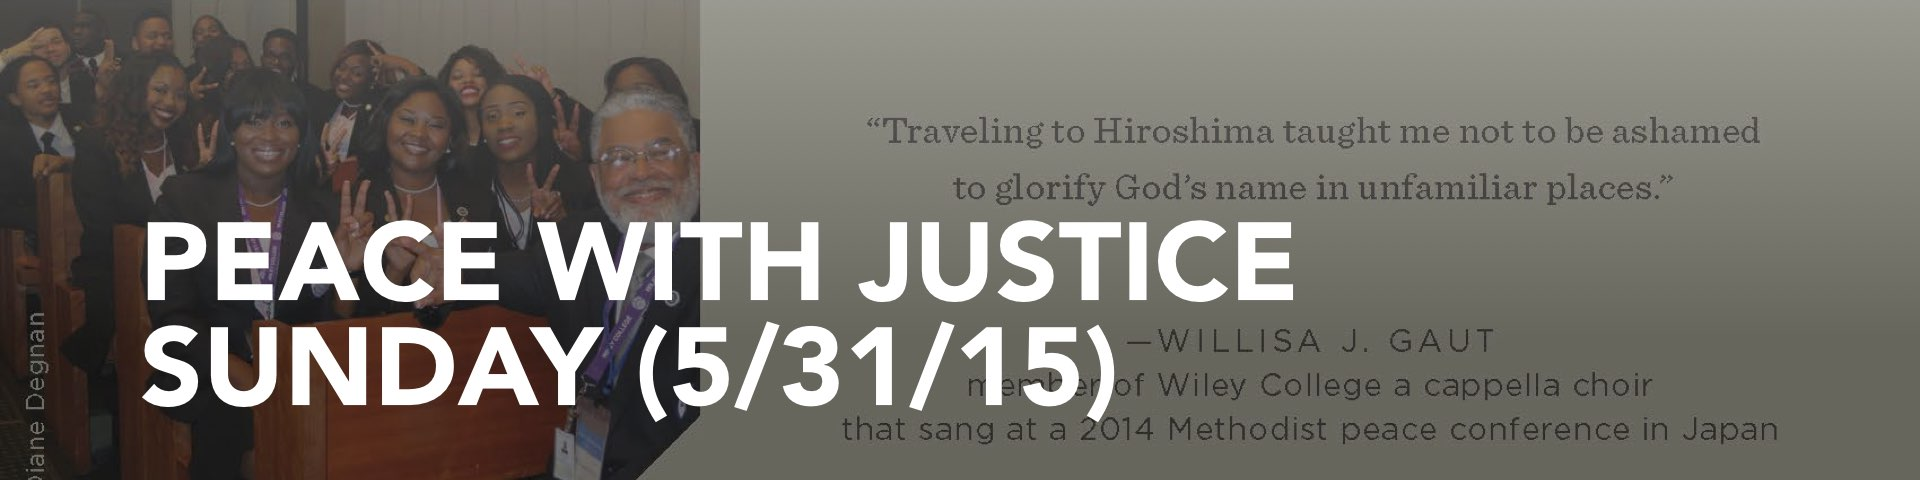 2015-peace-justice-sunday-bar